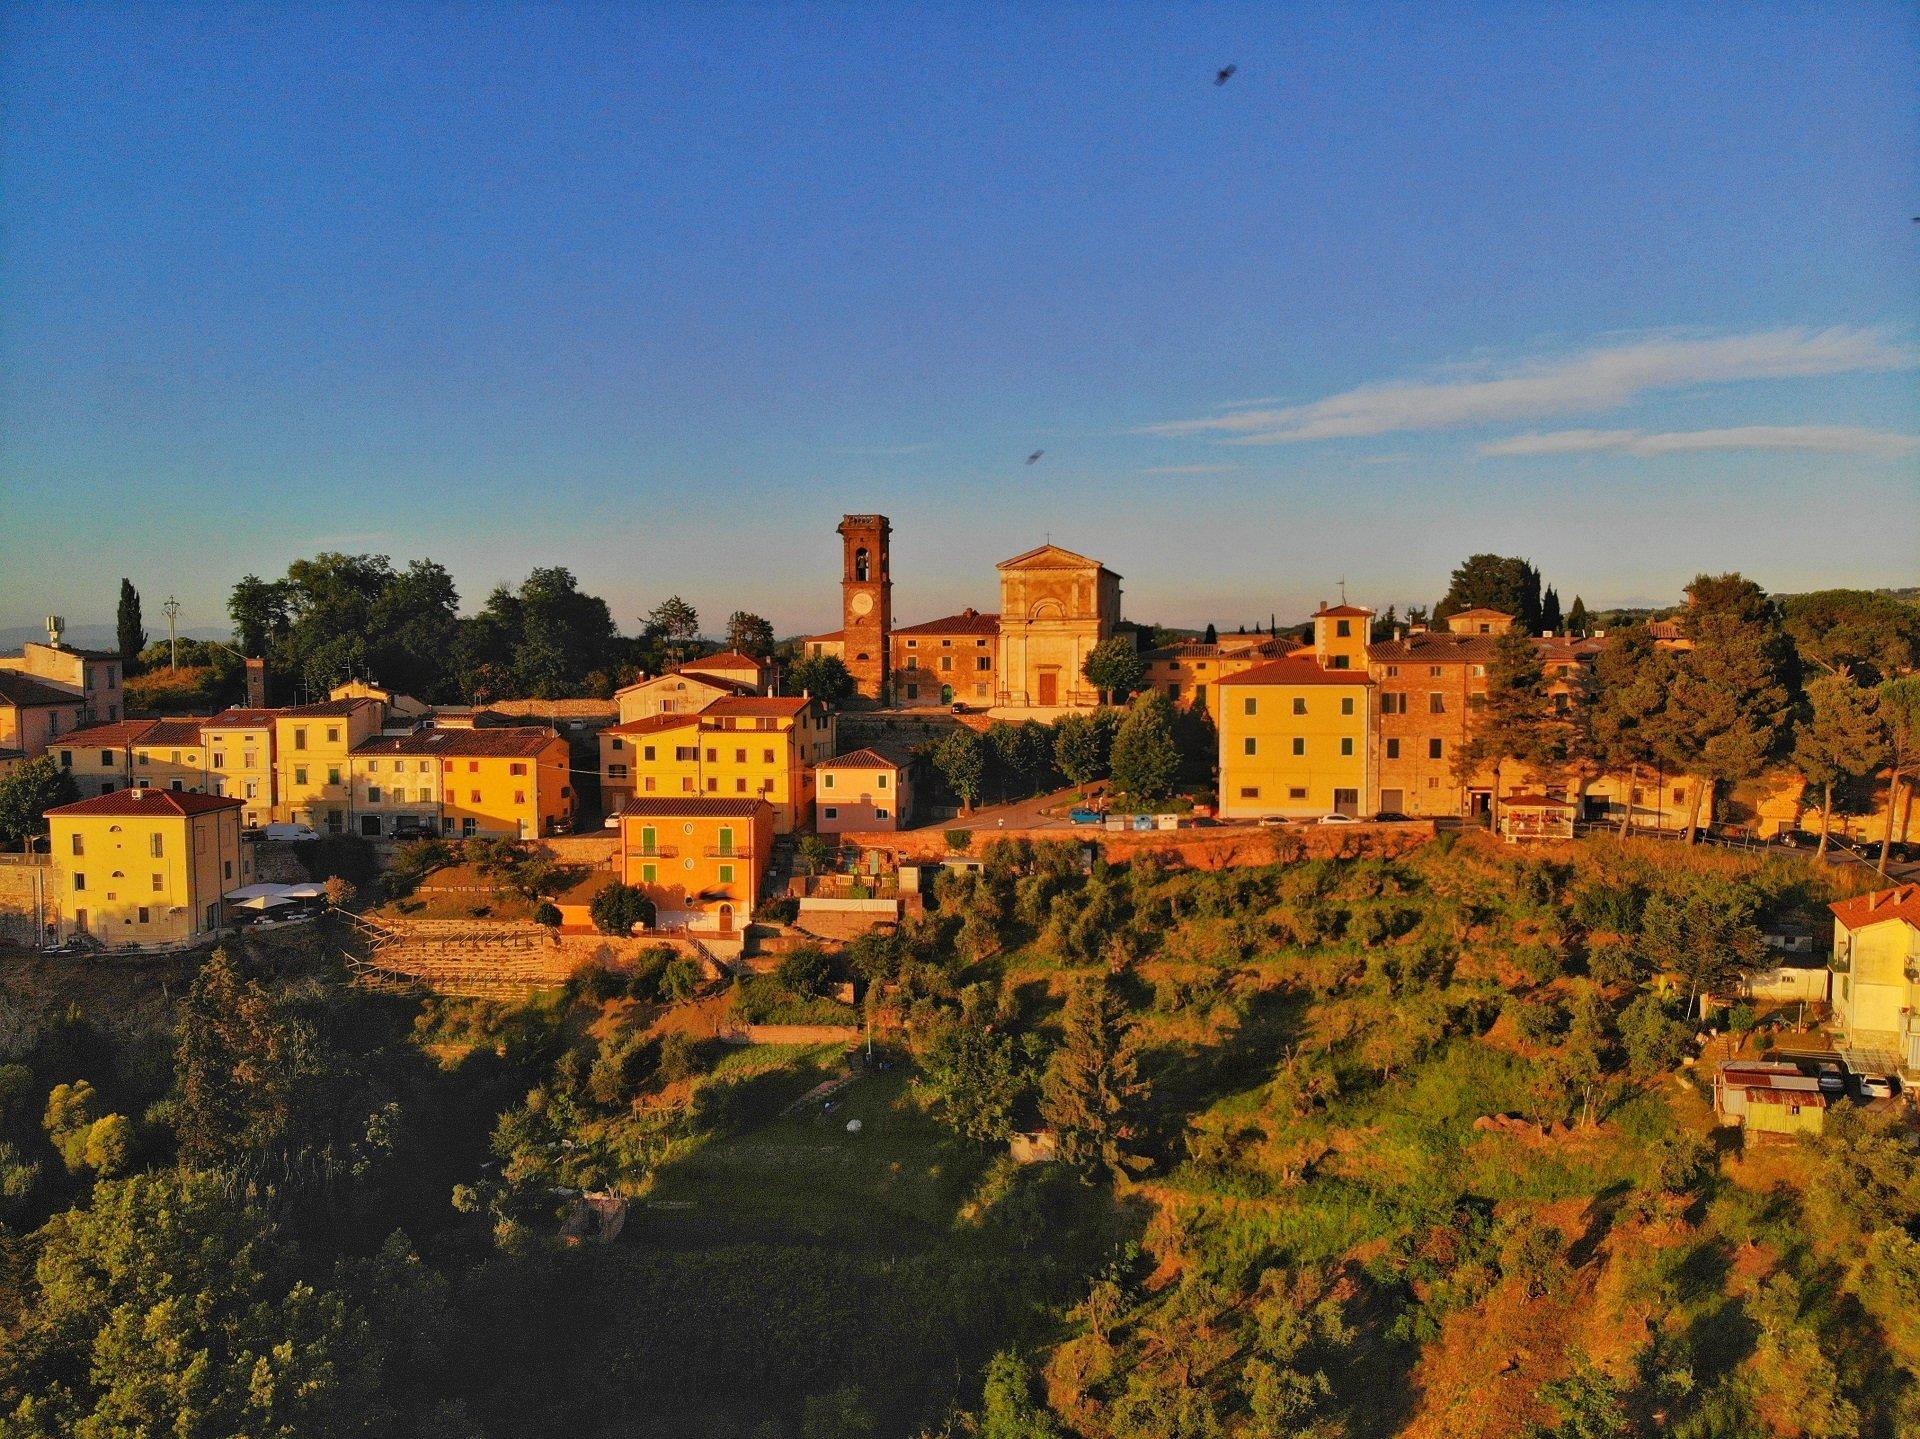 Borgo di Lorenzana veduta aerea dji mavic air